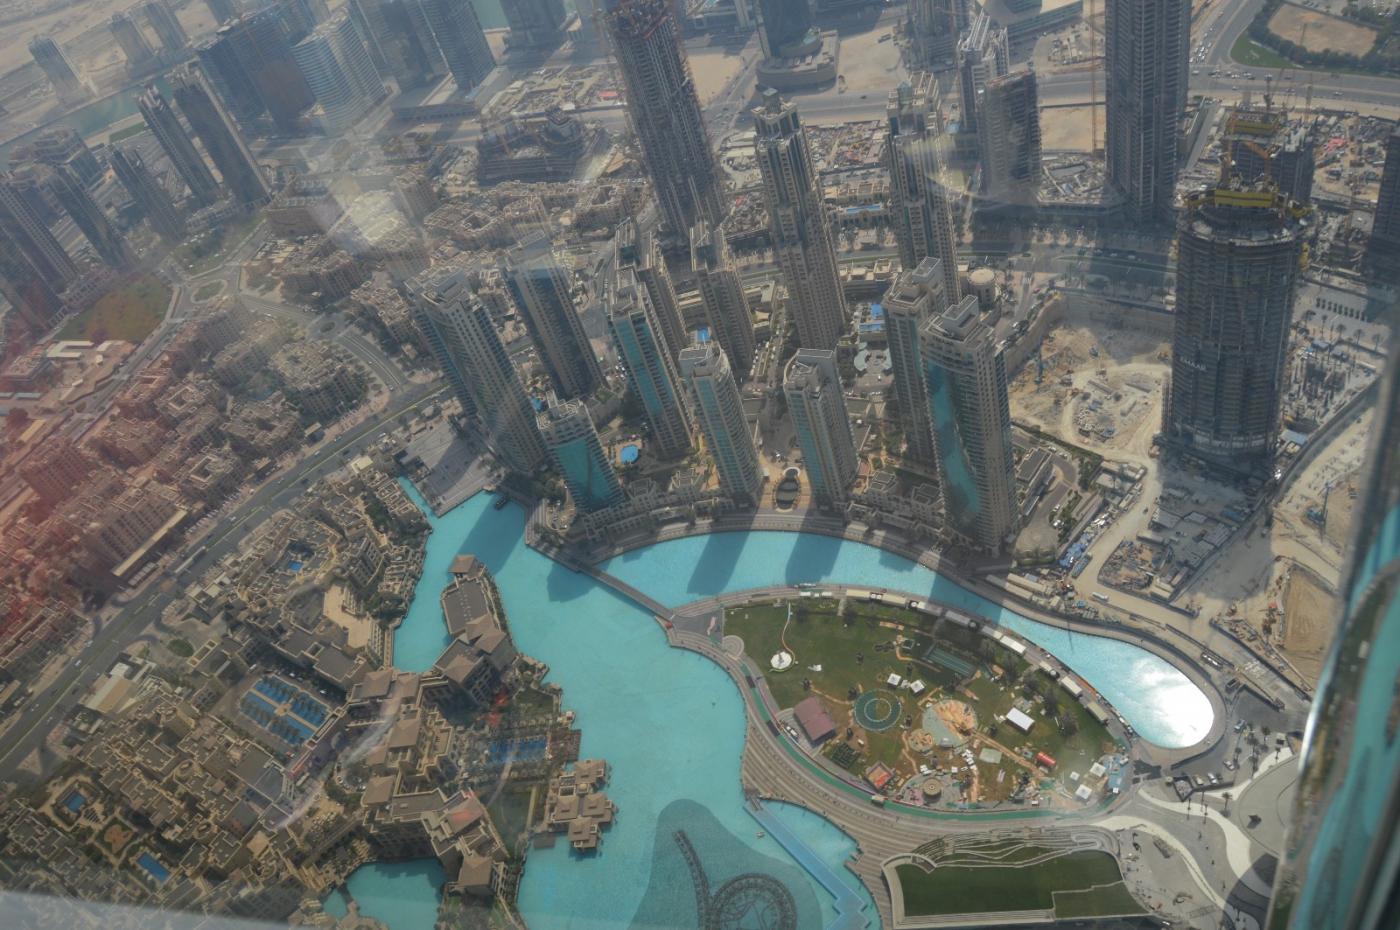 迪拜之哈利法塔_圖1-13